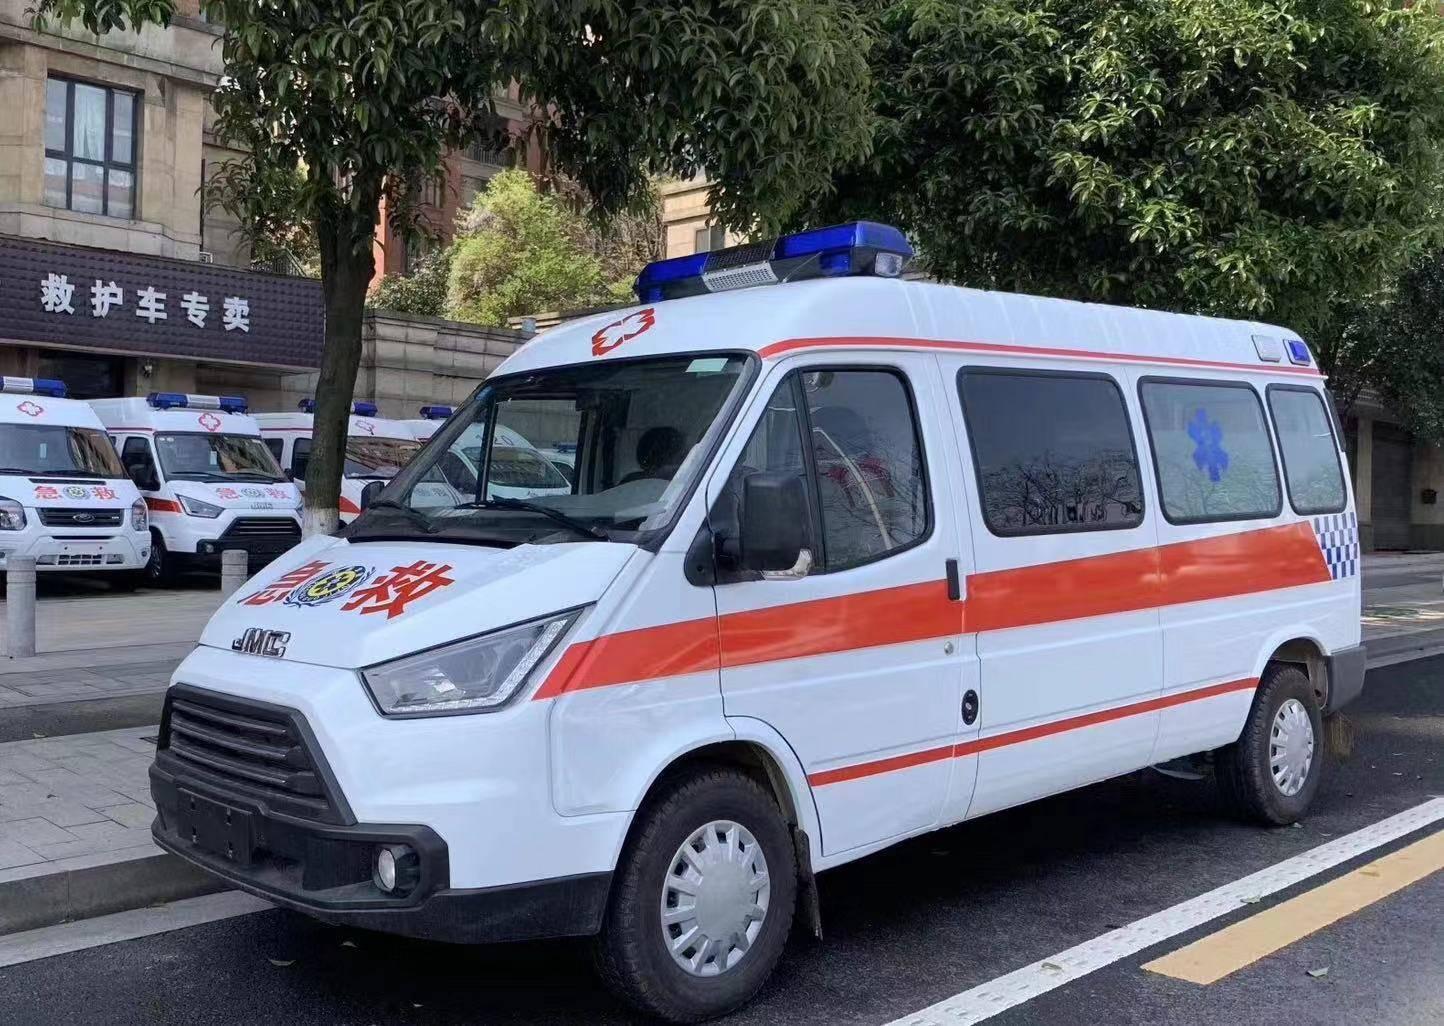 江铃特顺长轴中顶柴油监护型救护车